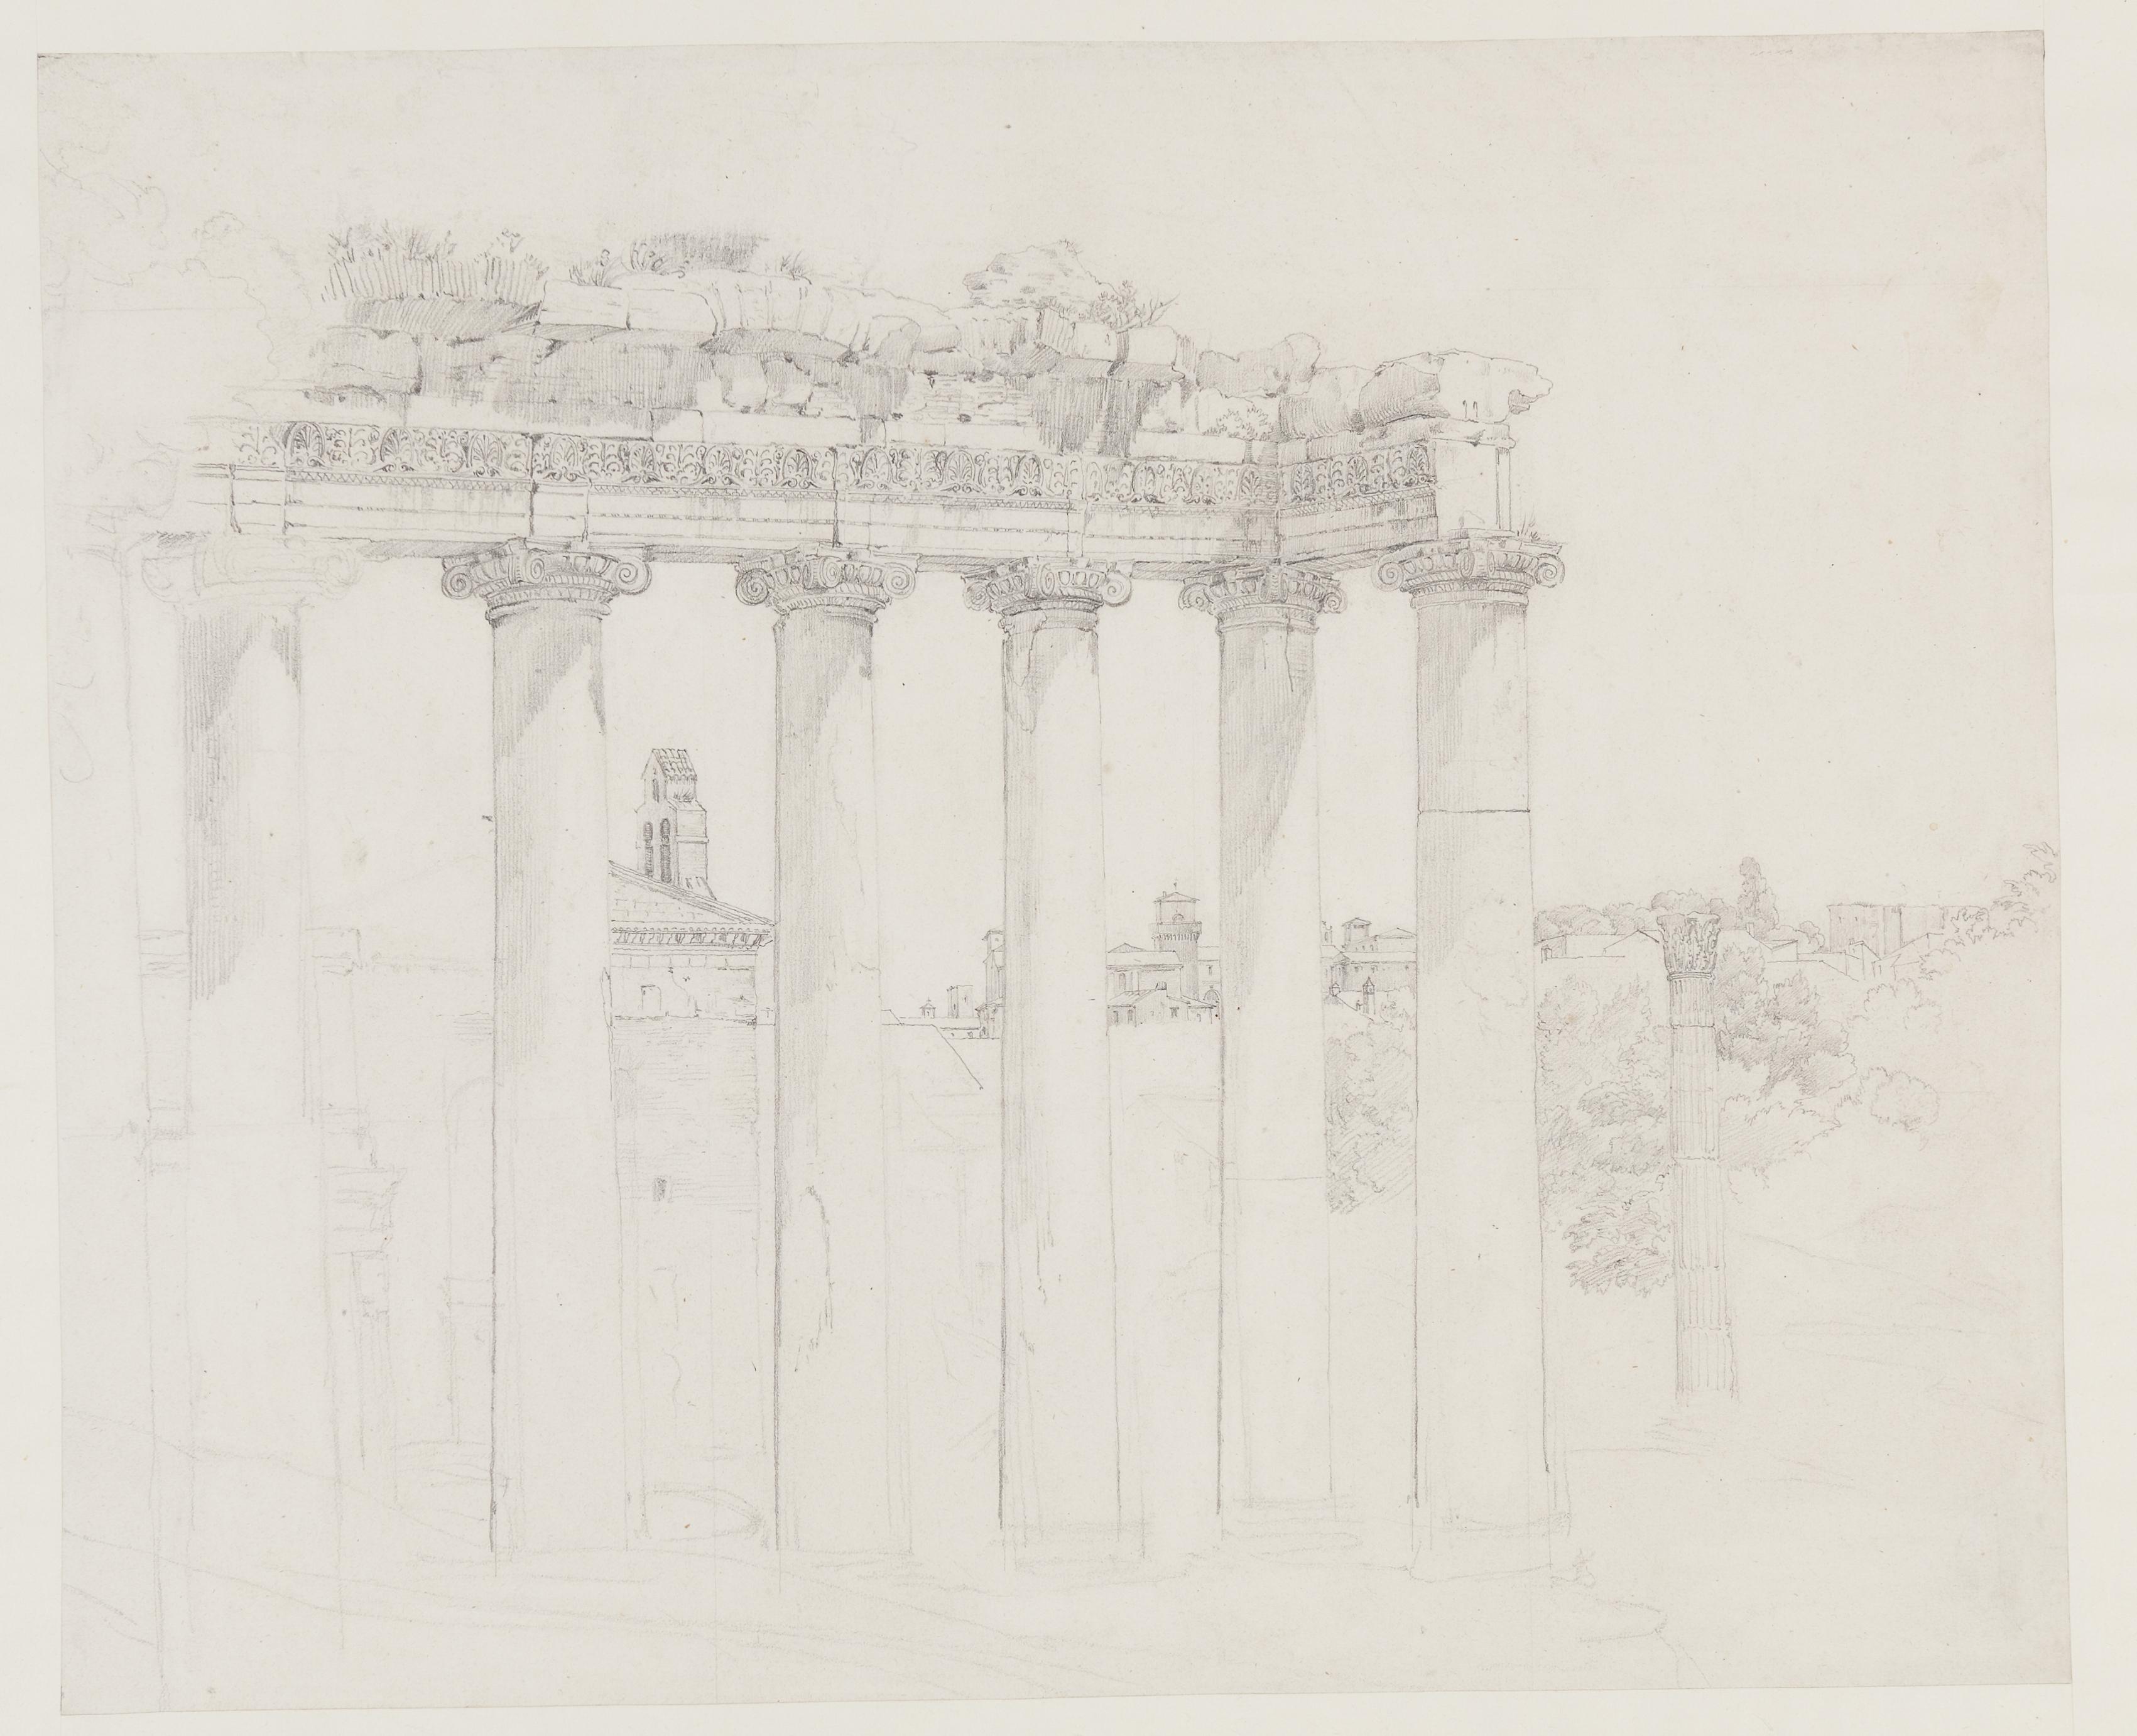 Joseph Thürmer (1789 - 1833), Blick durch antike Tempelruine auf eine italienische Stadt, 1817